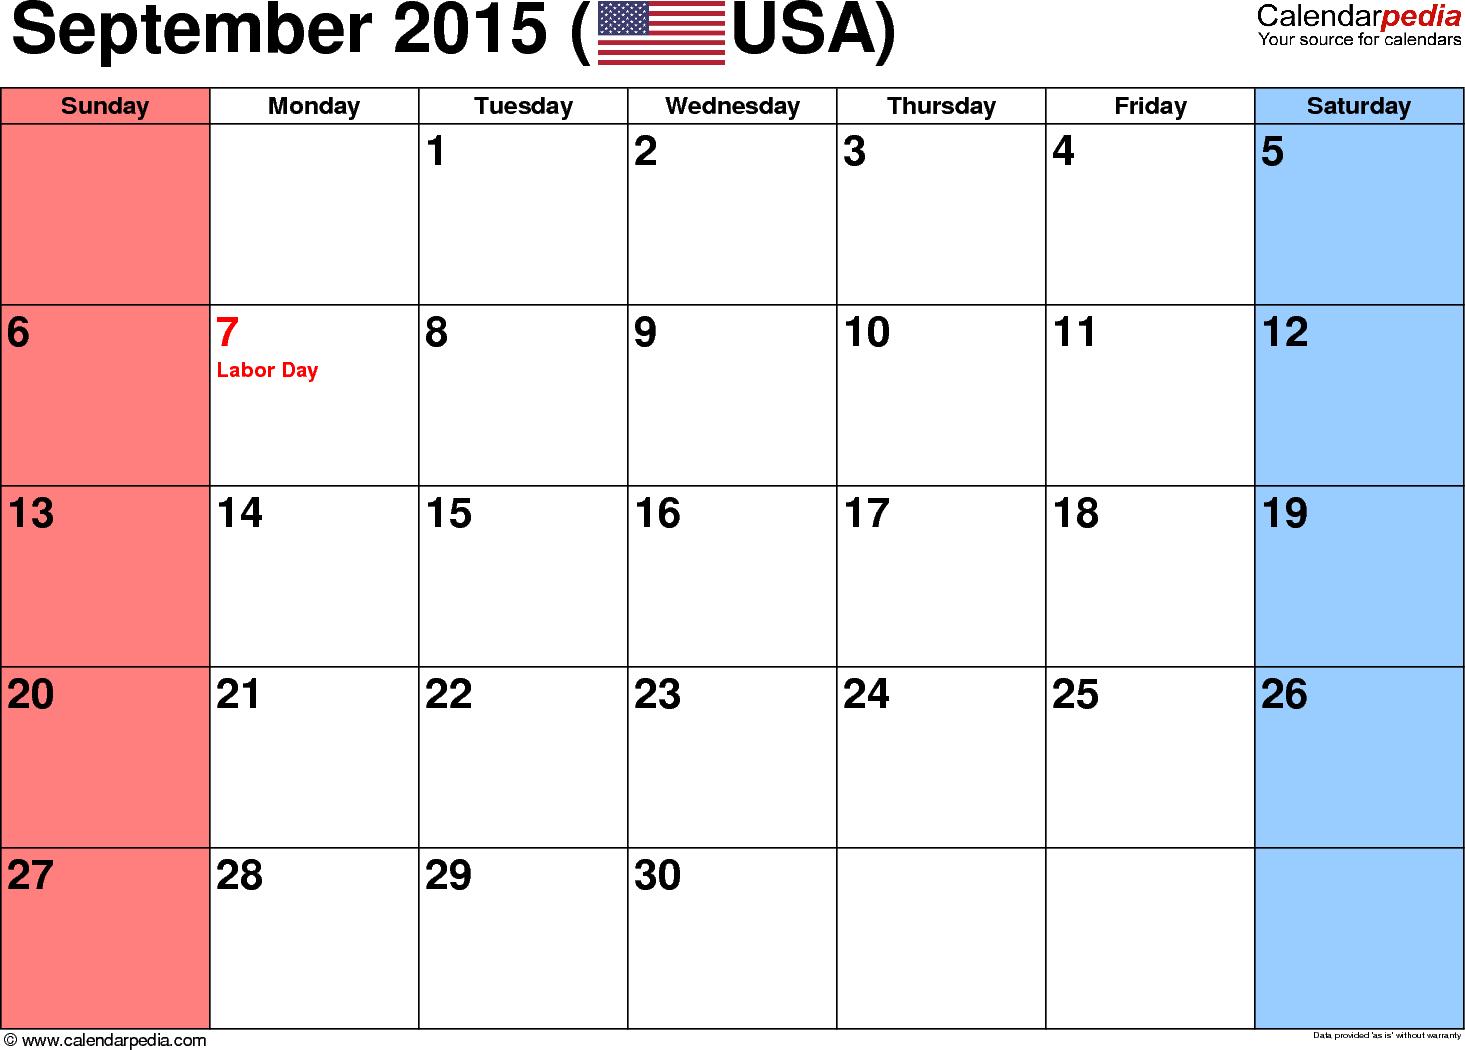 Blank September 2015 calendar